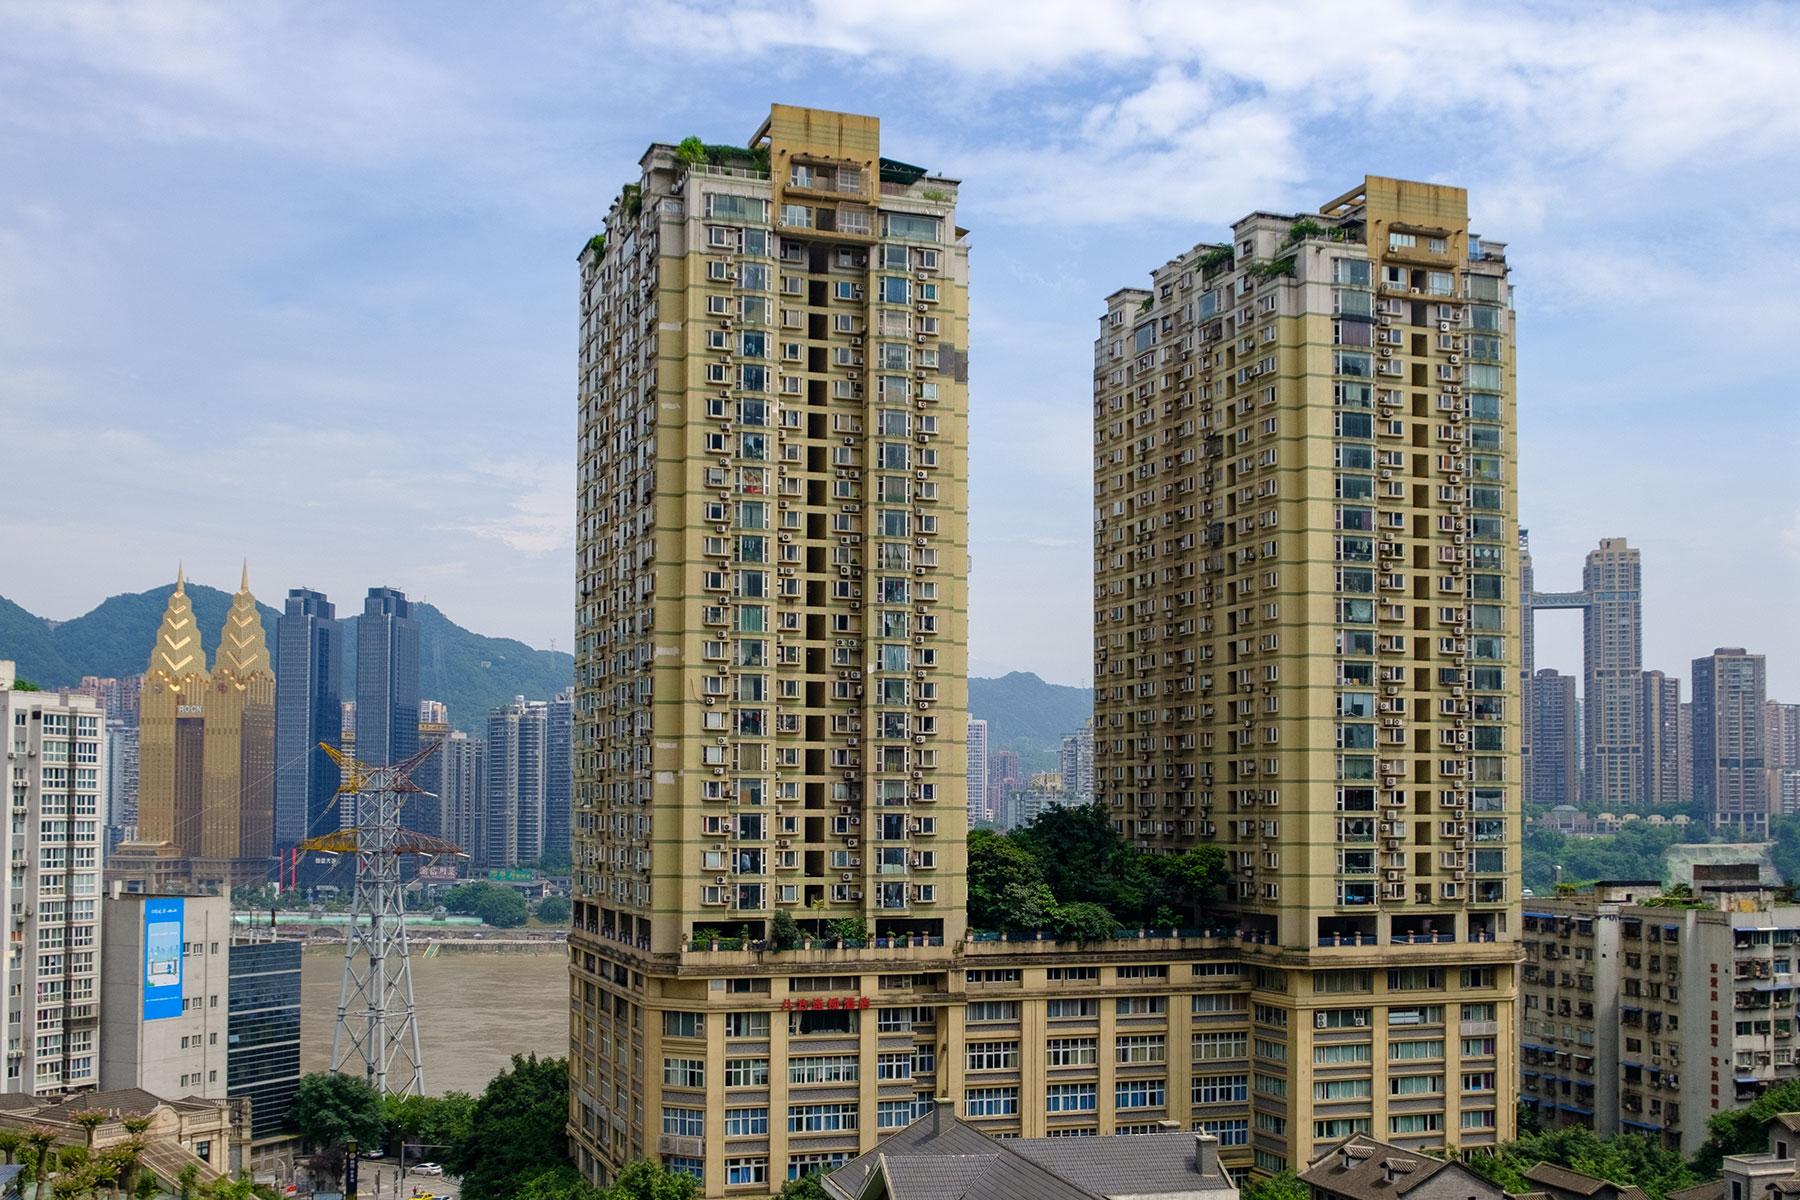 Hochhäuser im Sommer in Chongqing